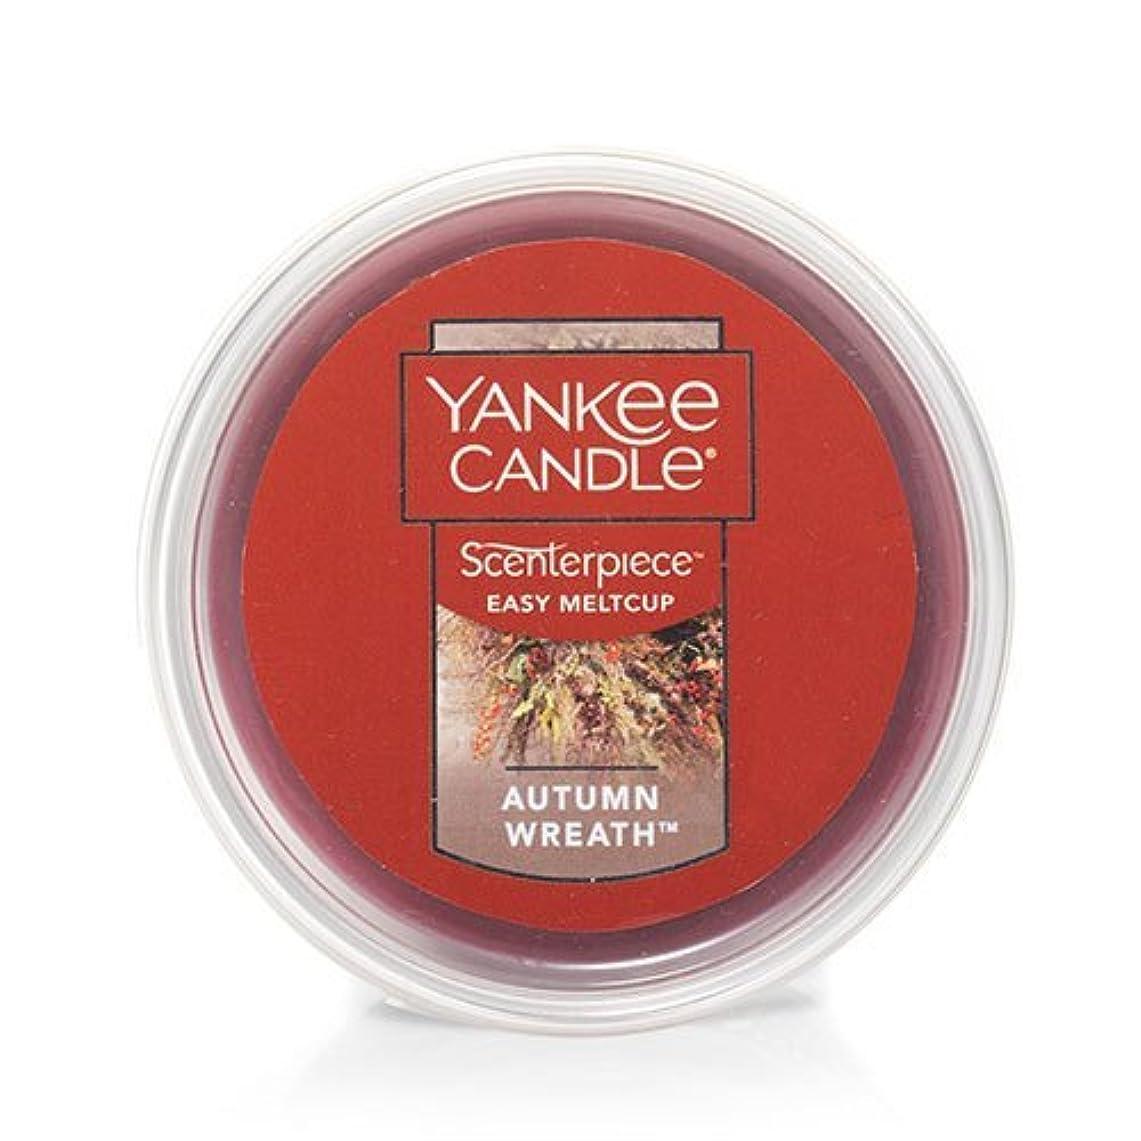 プロフィール言及するバケットYankee Candle Autumn Wreath Scenterpiece Easy MeltCup , Food & Spice香り2.2 Oz